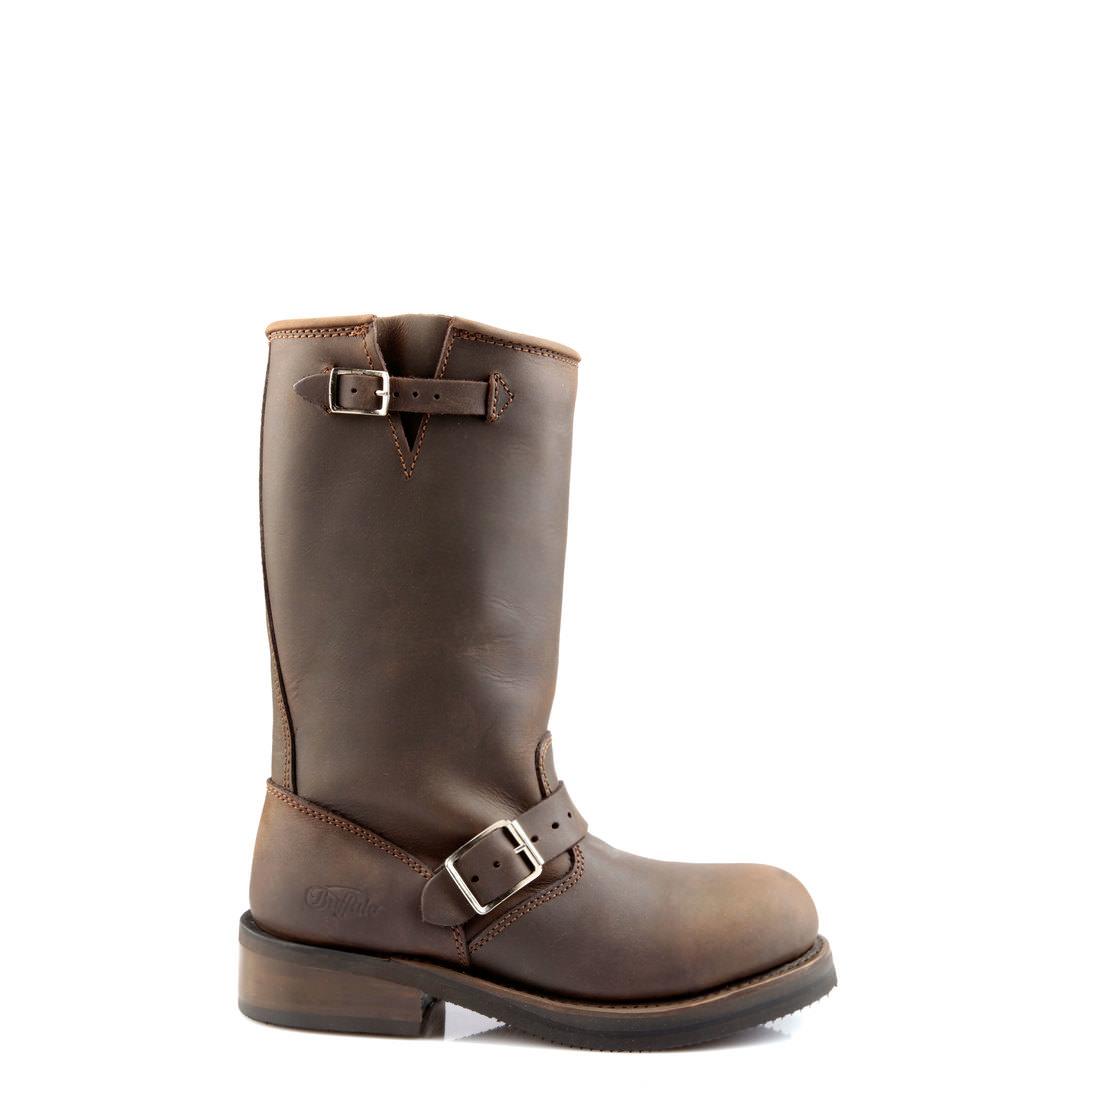 42606a9adfe530 Buffalo Biker-Boots aus braunem Leder mit Stahlkappe online kaufen ...